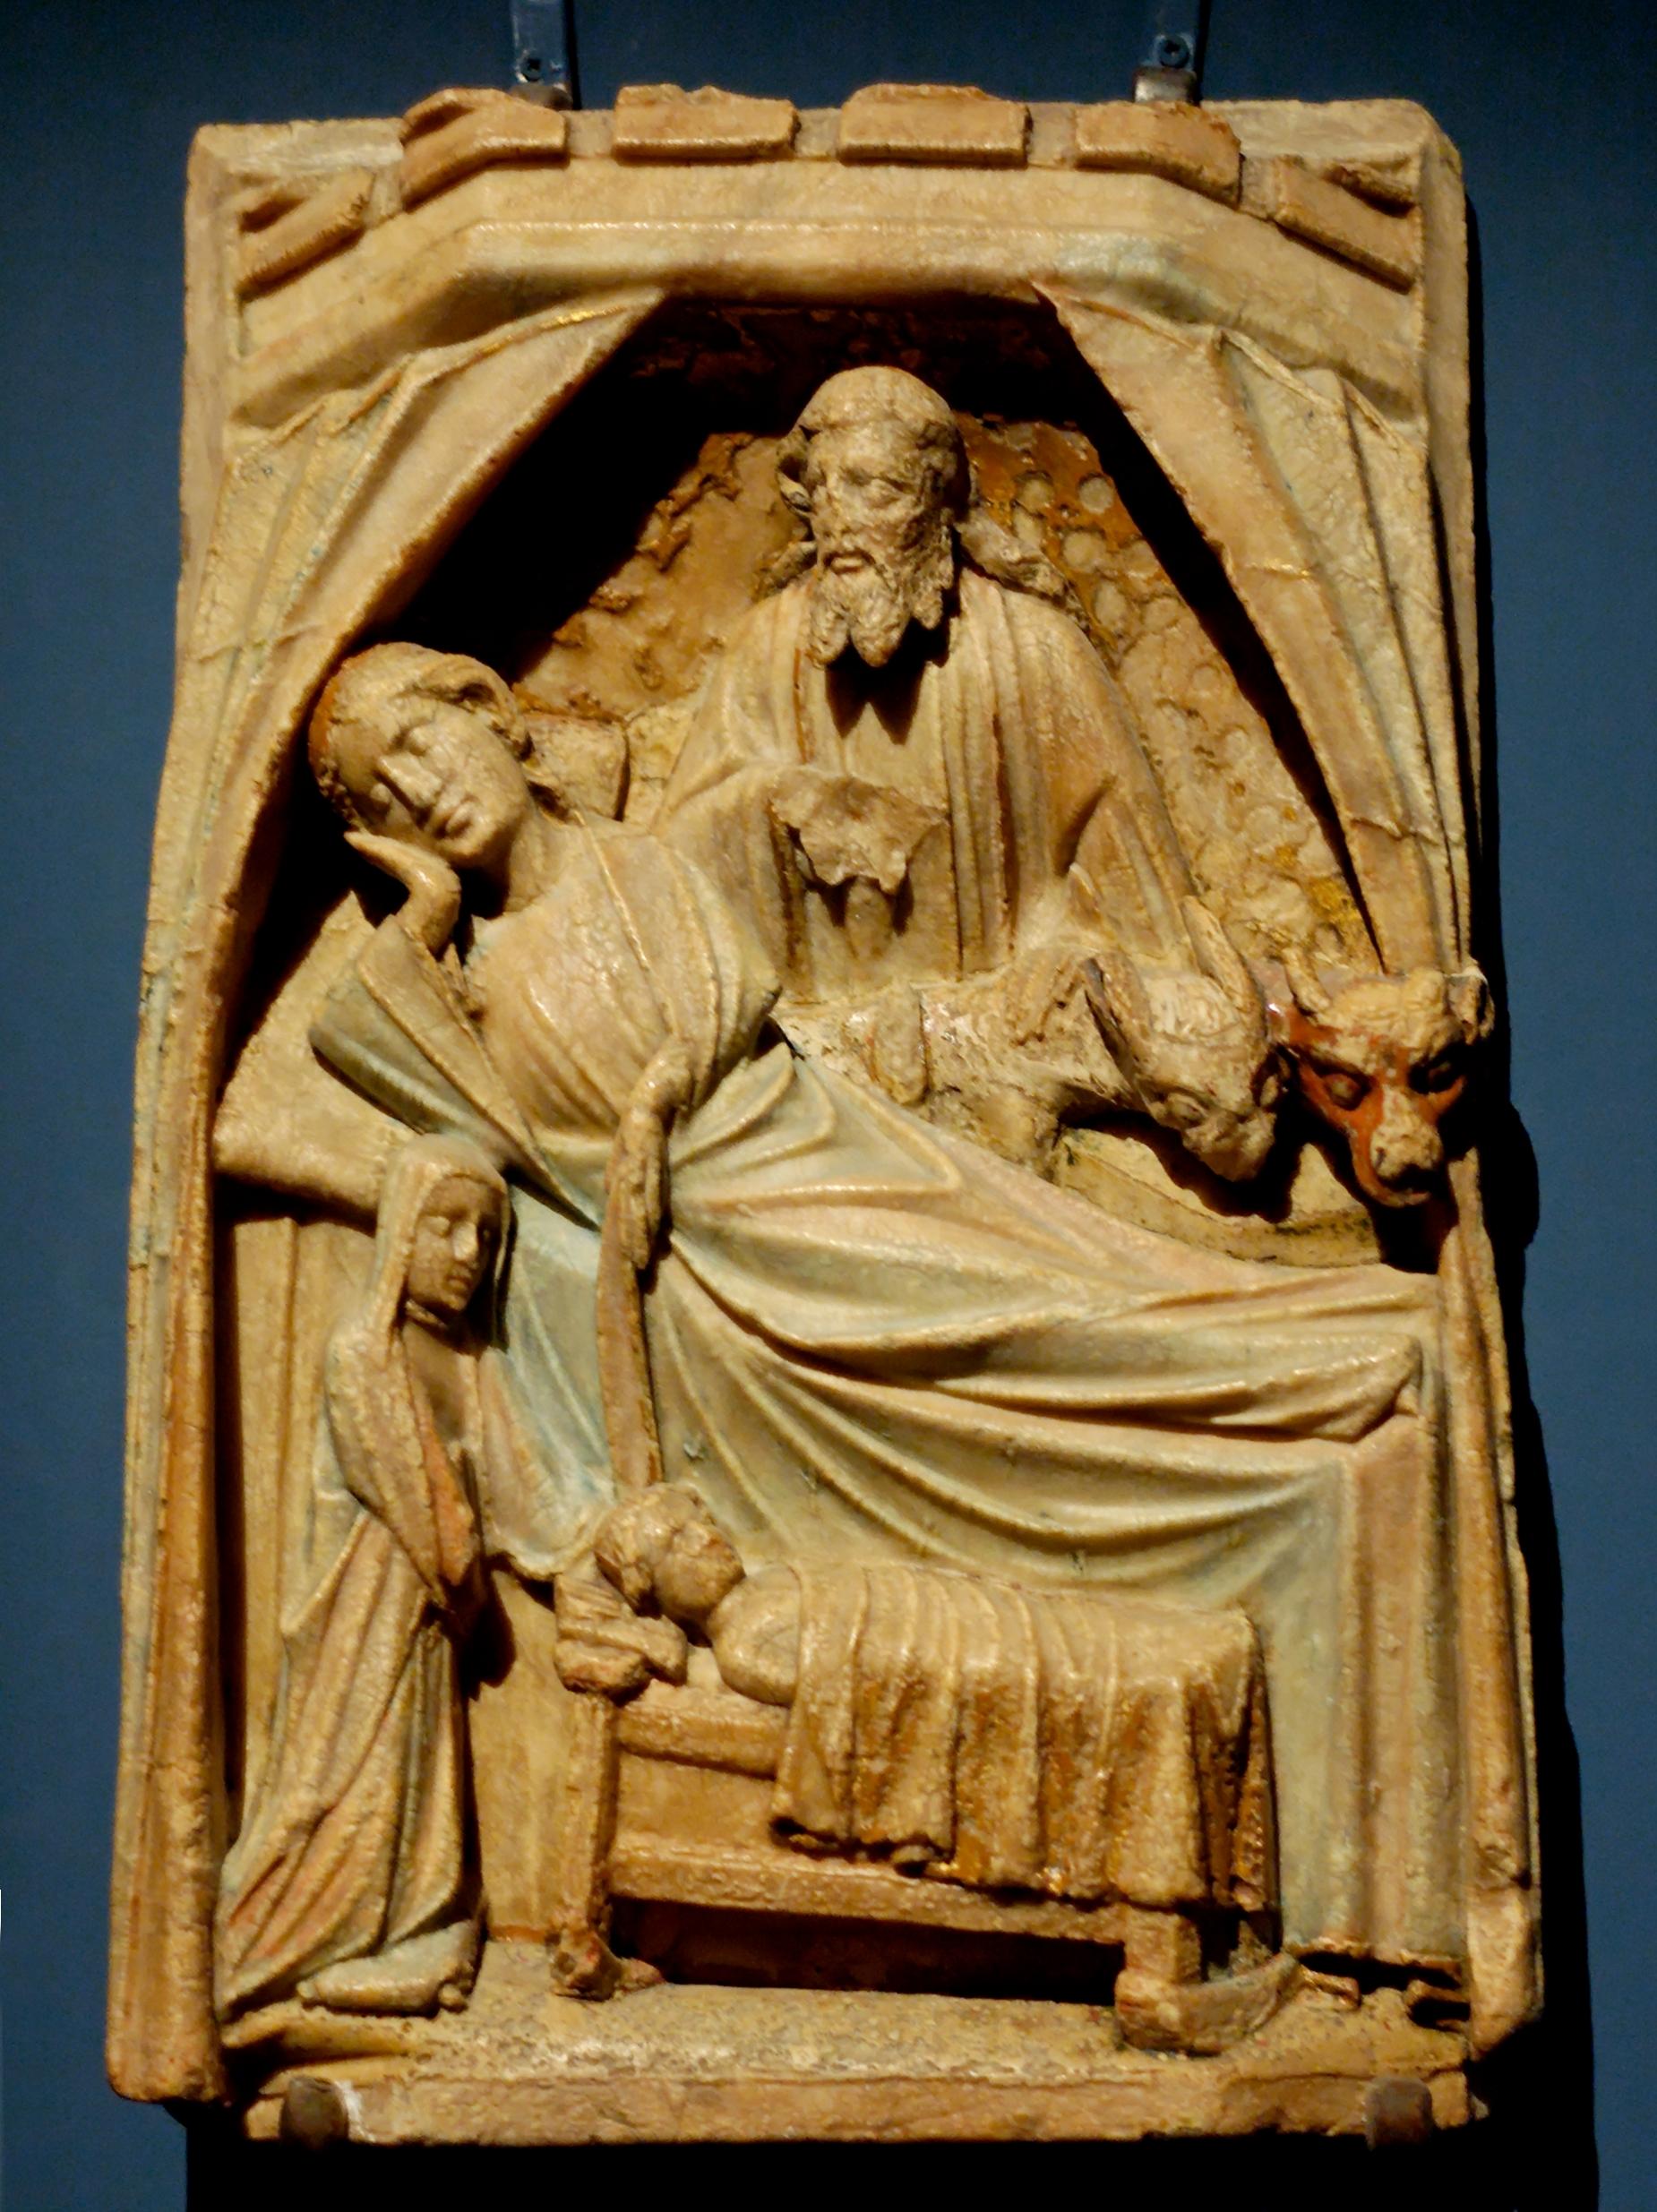 Nottingham alabaster - Wikipedia